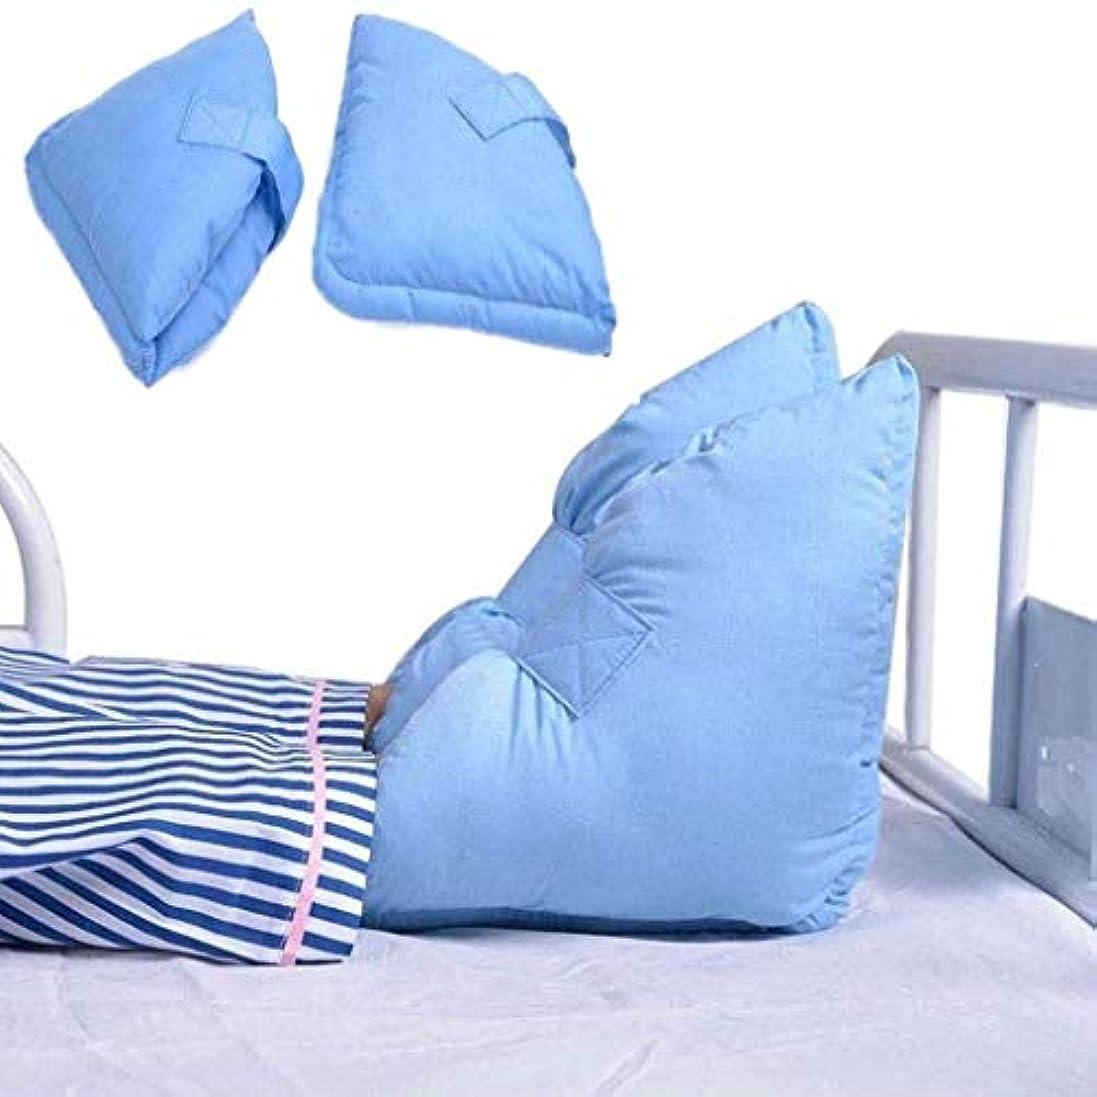 敬の念診療所世紀TONGSH かかと足首足保護具、圧力緩和のためのポリエステル/綿カバー付き保護枕クッション、ワンサイズフィット、ほとんどの場合、ライトブルー、1ペア